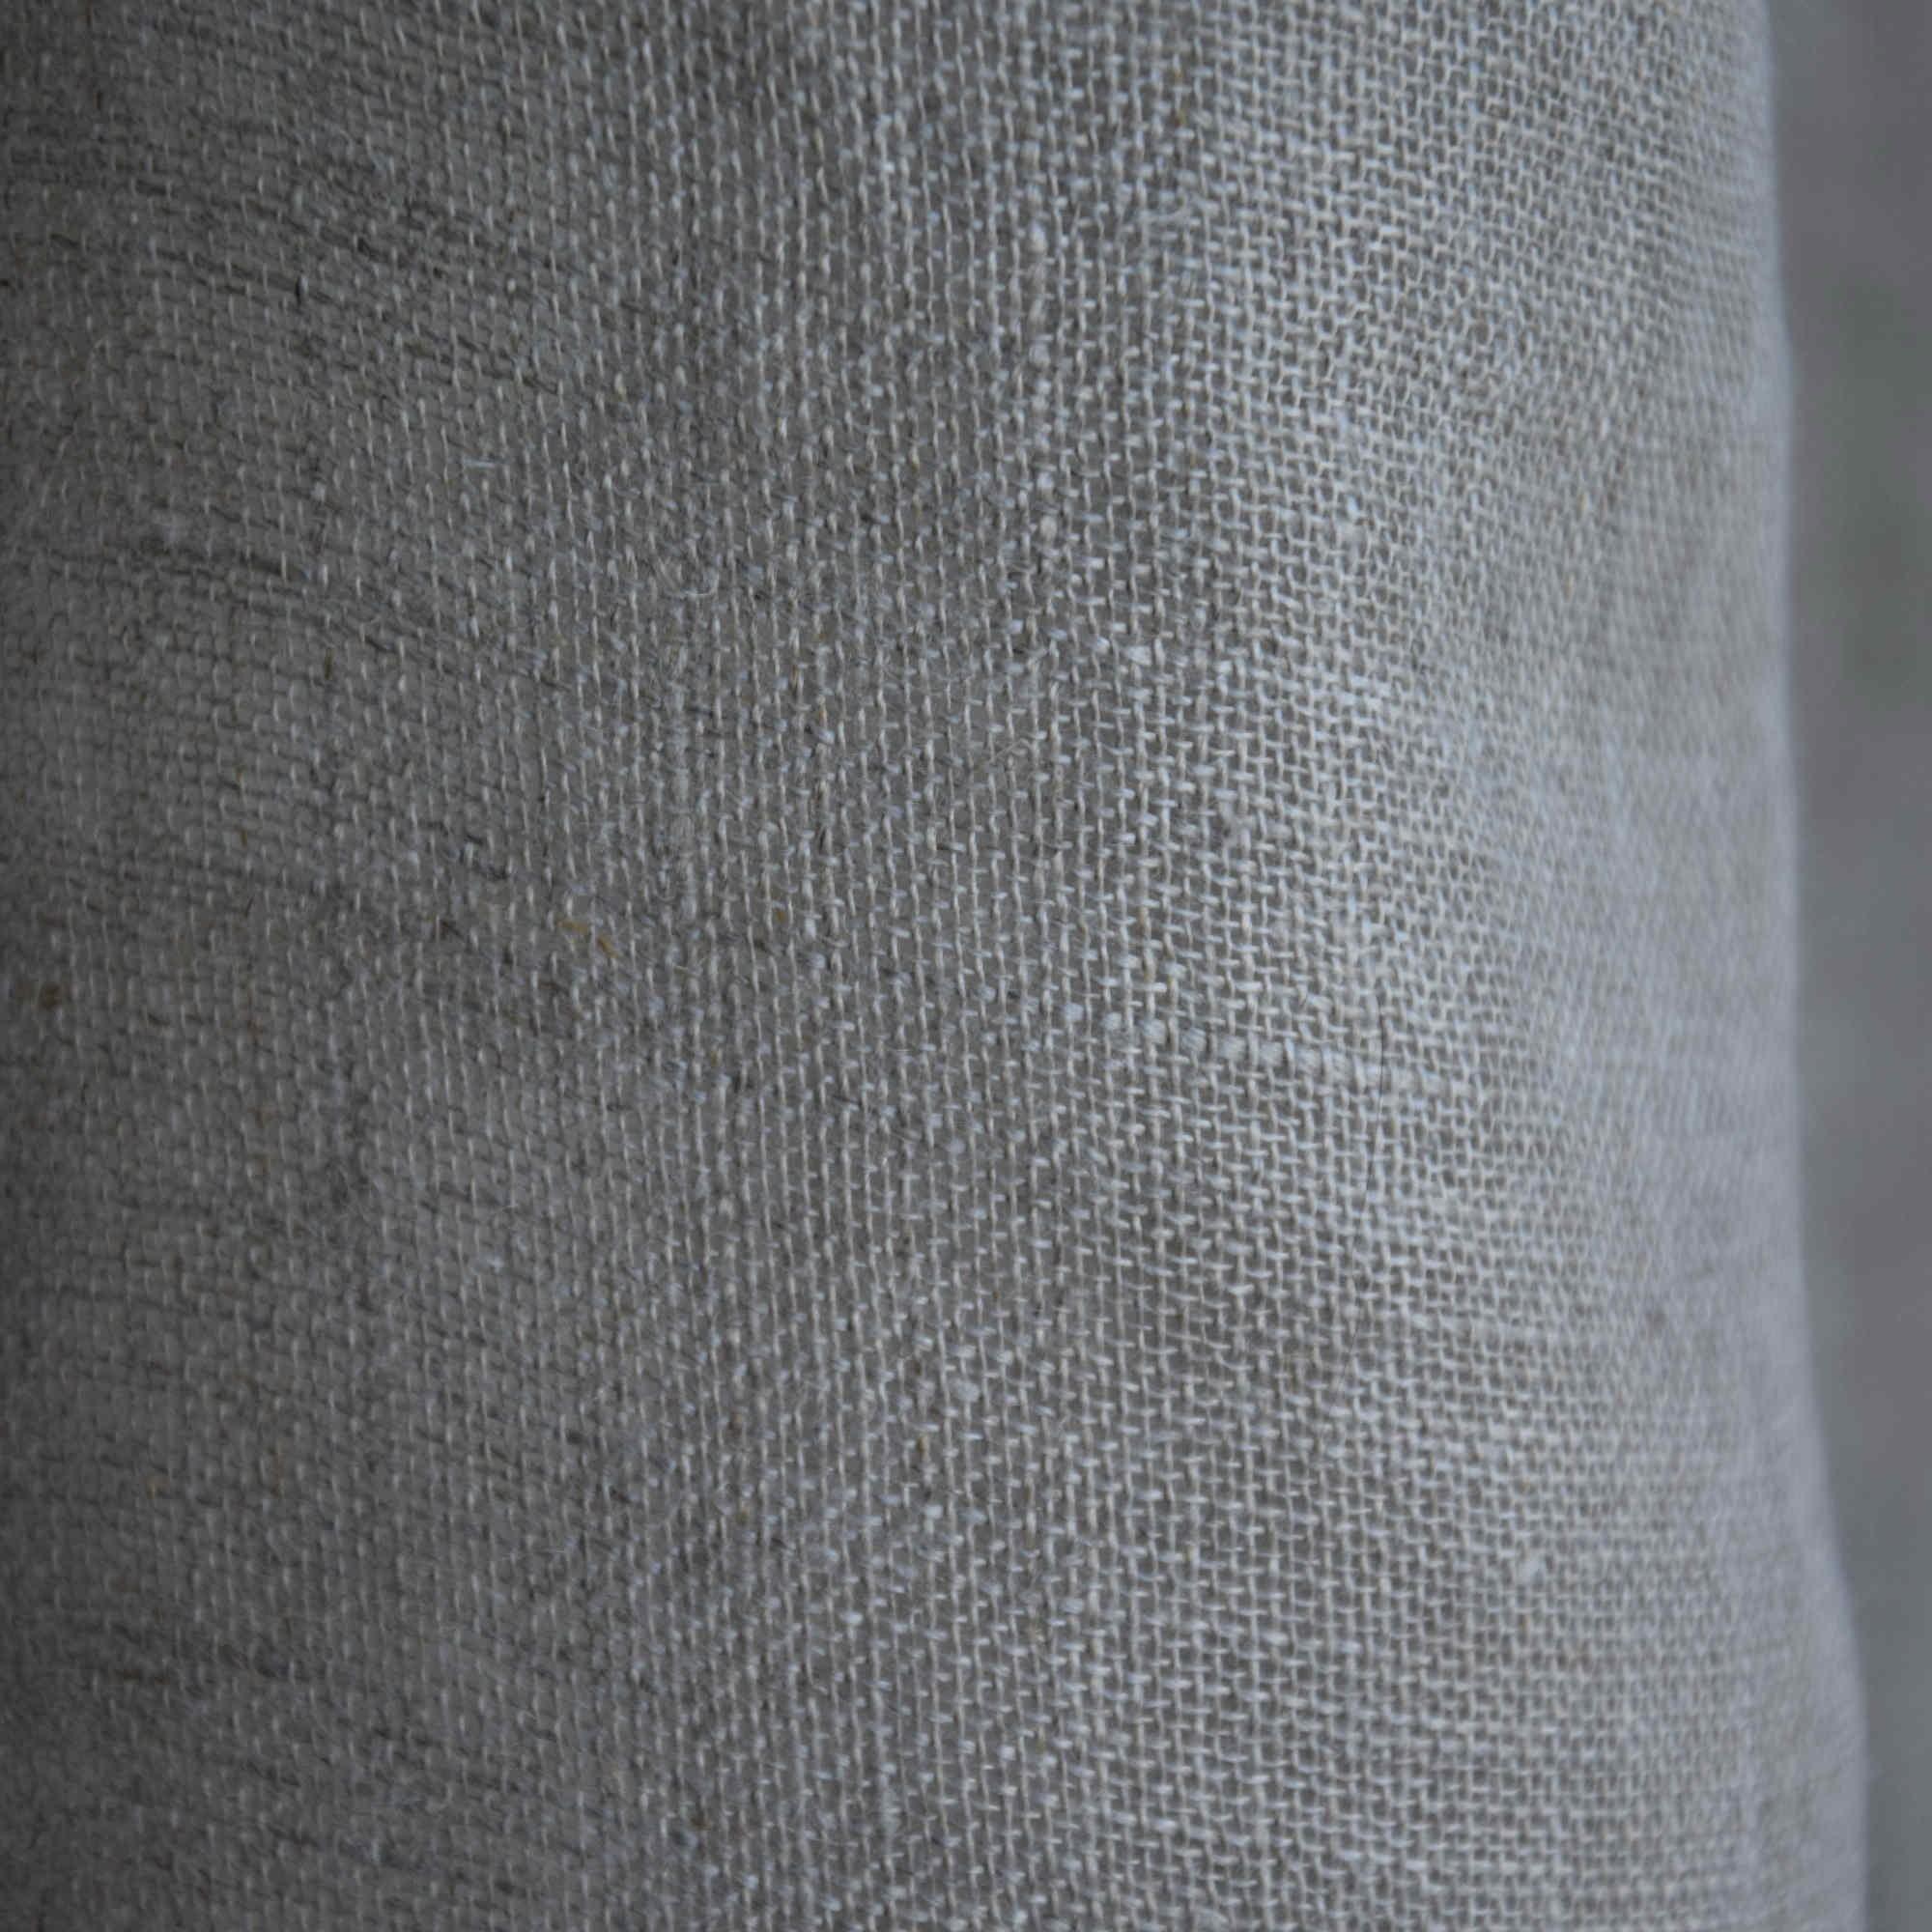 alinea rideaux voilages finest rideau illets occultant xcm taupe with alinea rideaux voilages. Black Bedroom Furniture Sets. Home Design Ideas